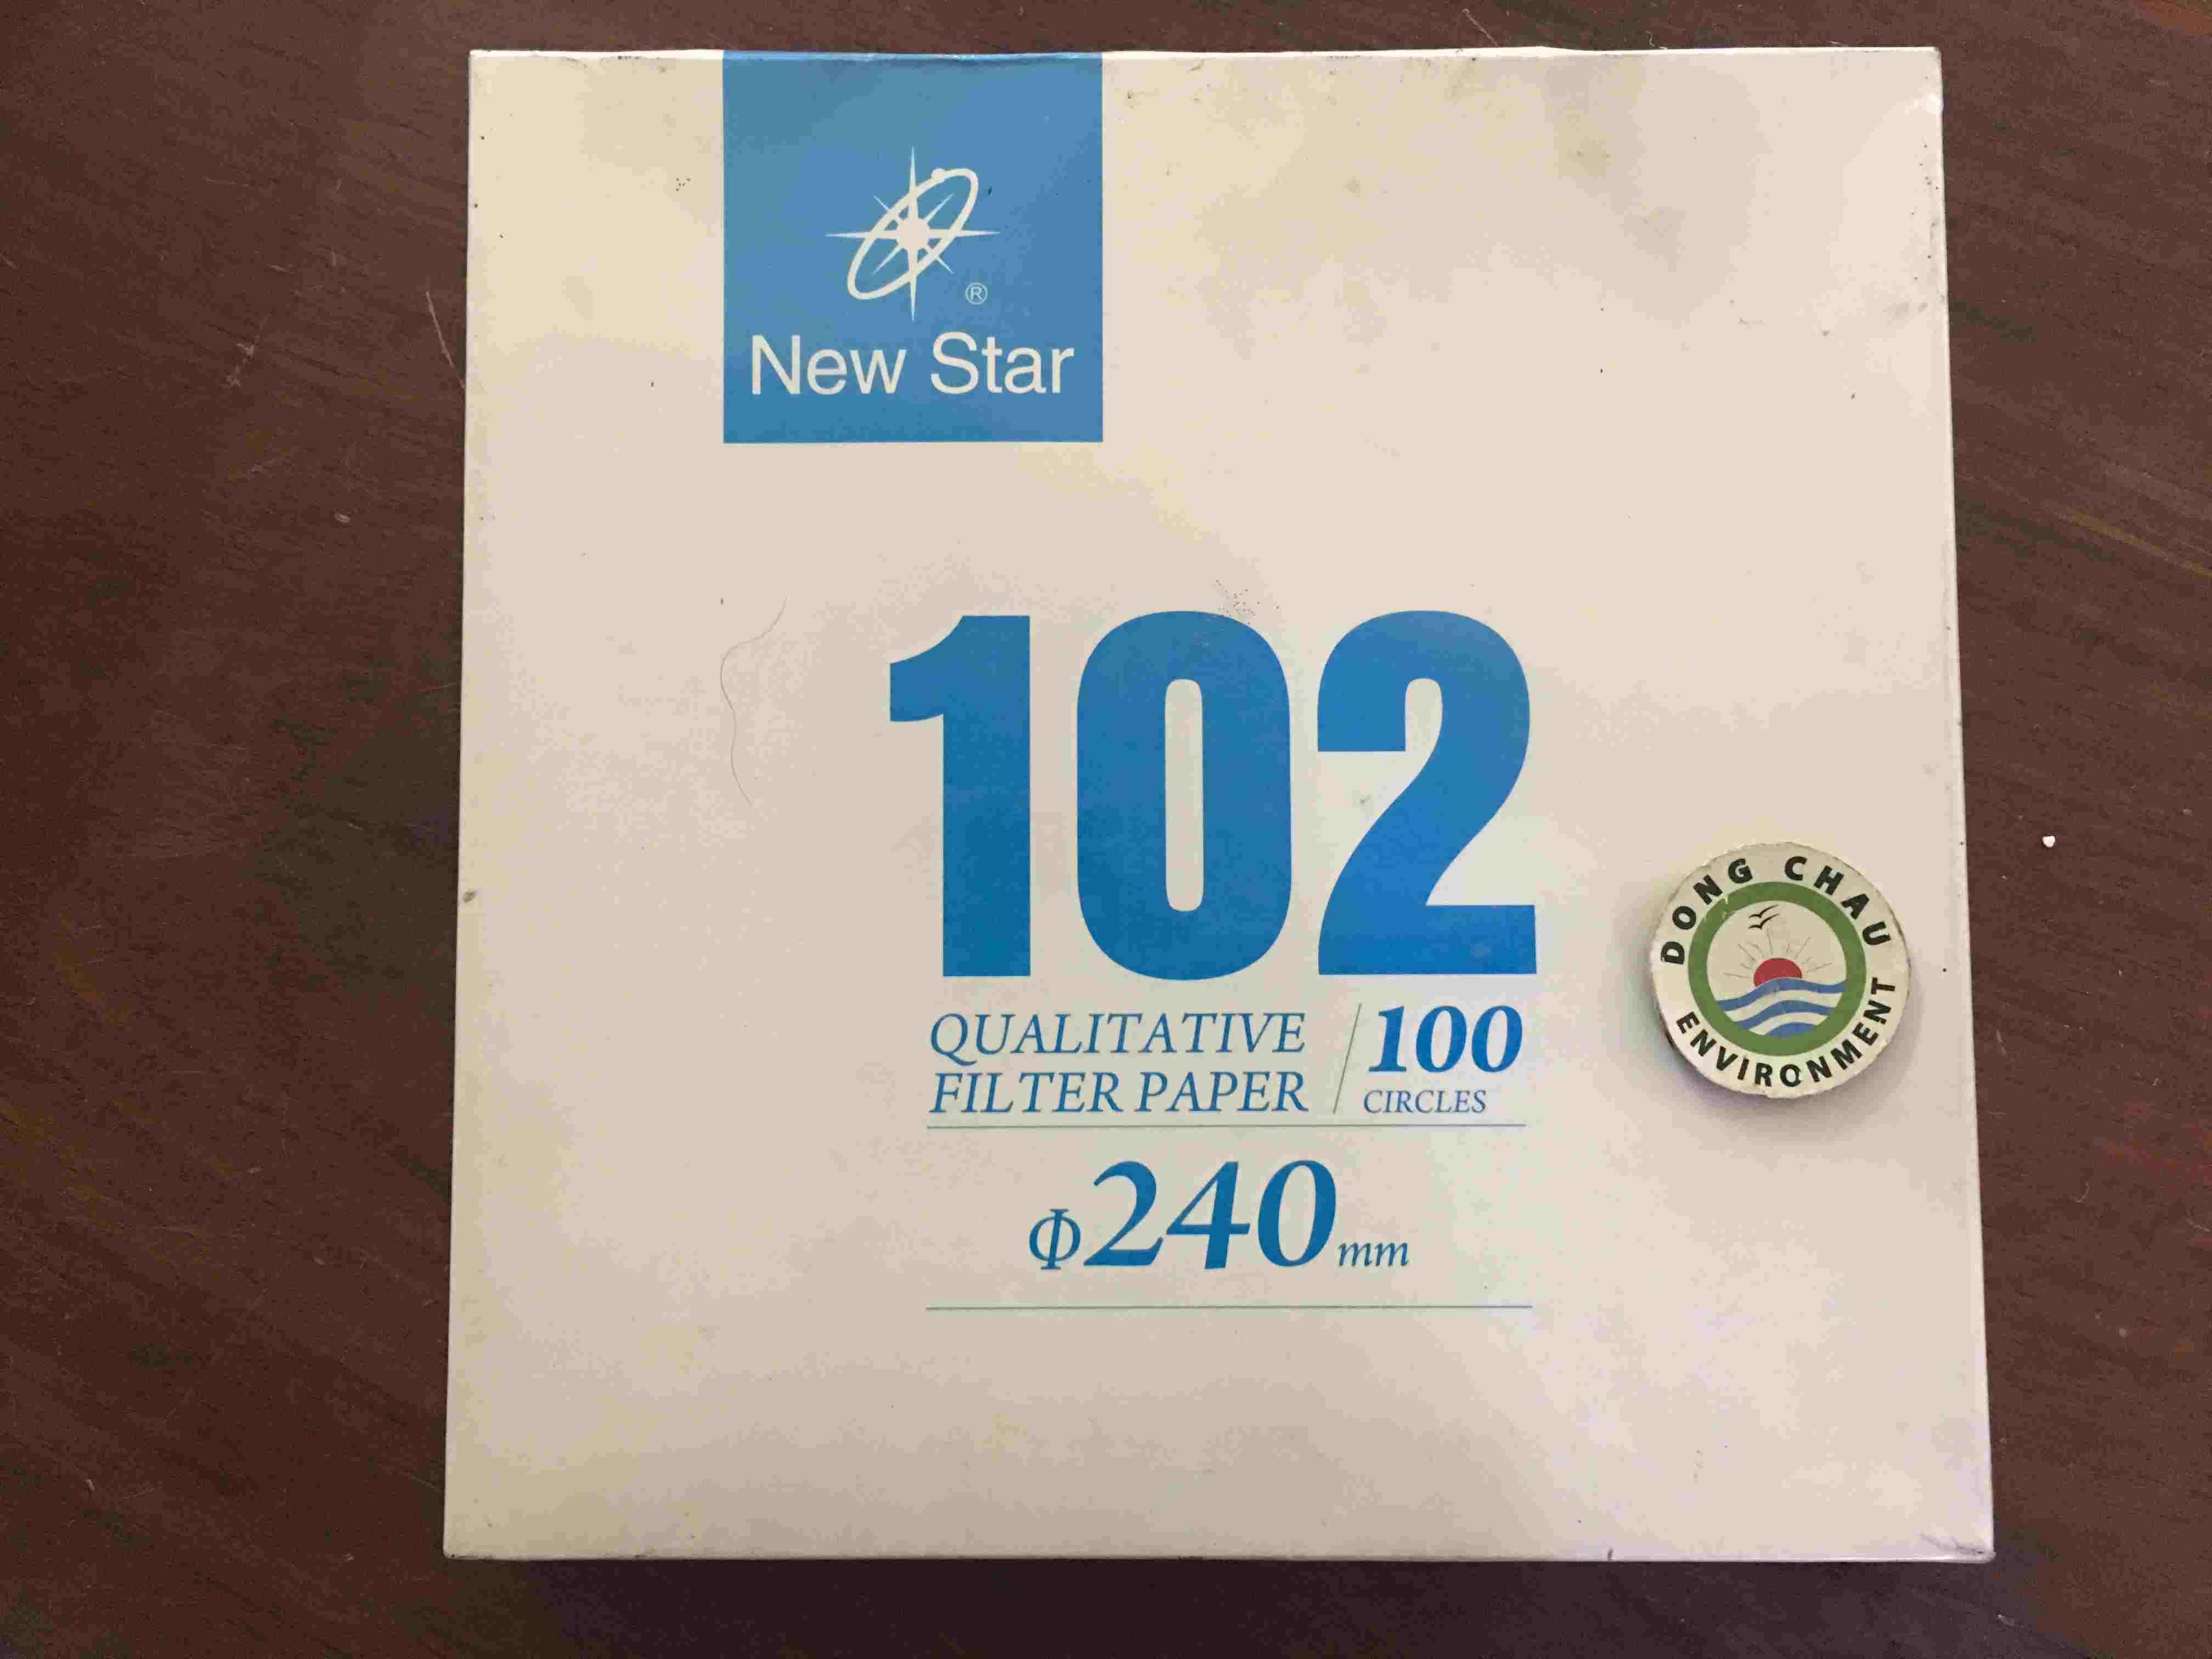 Giấy Lọc Phòng Thí Nghiệm Newstar 102 Đường Kính 240 Mm